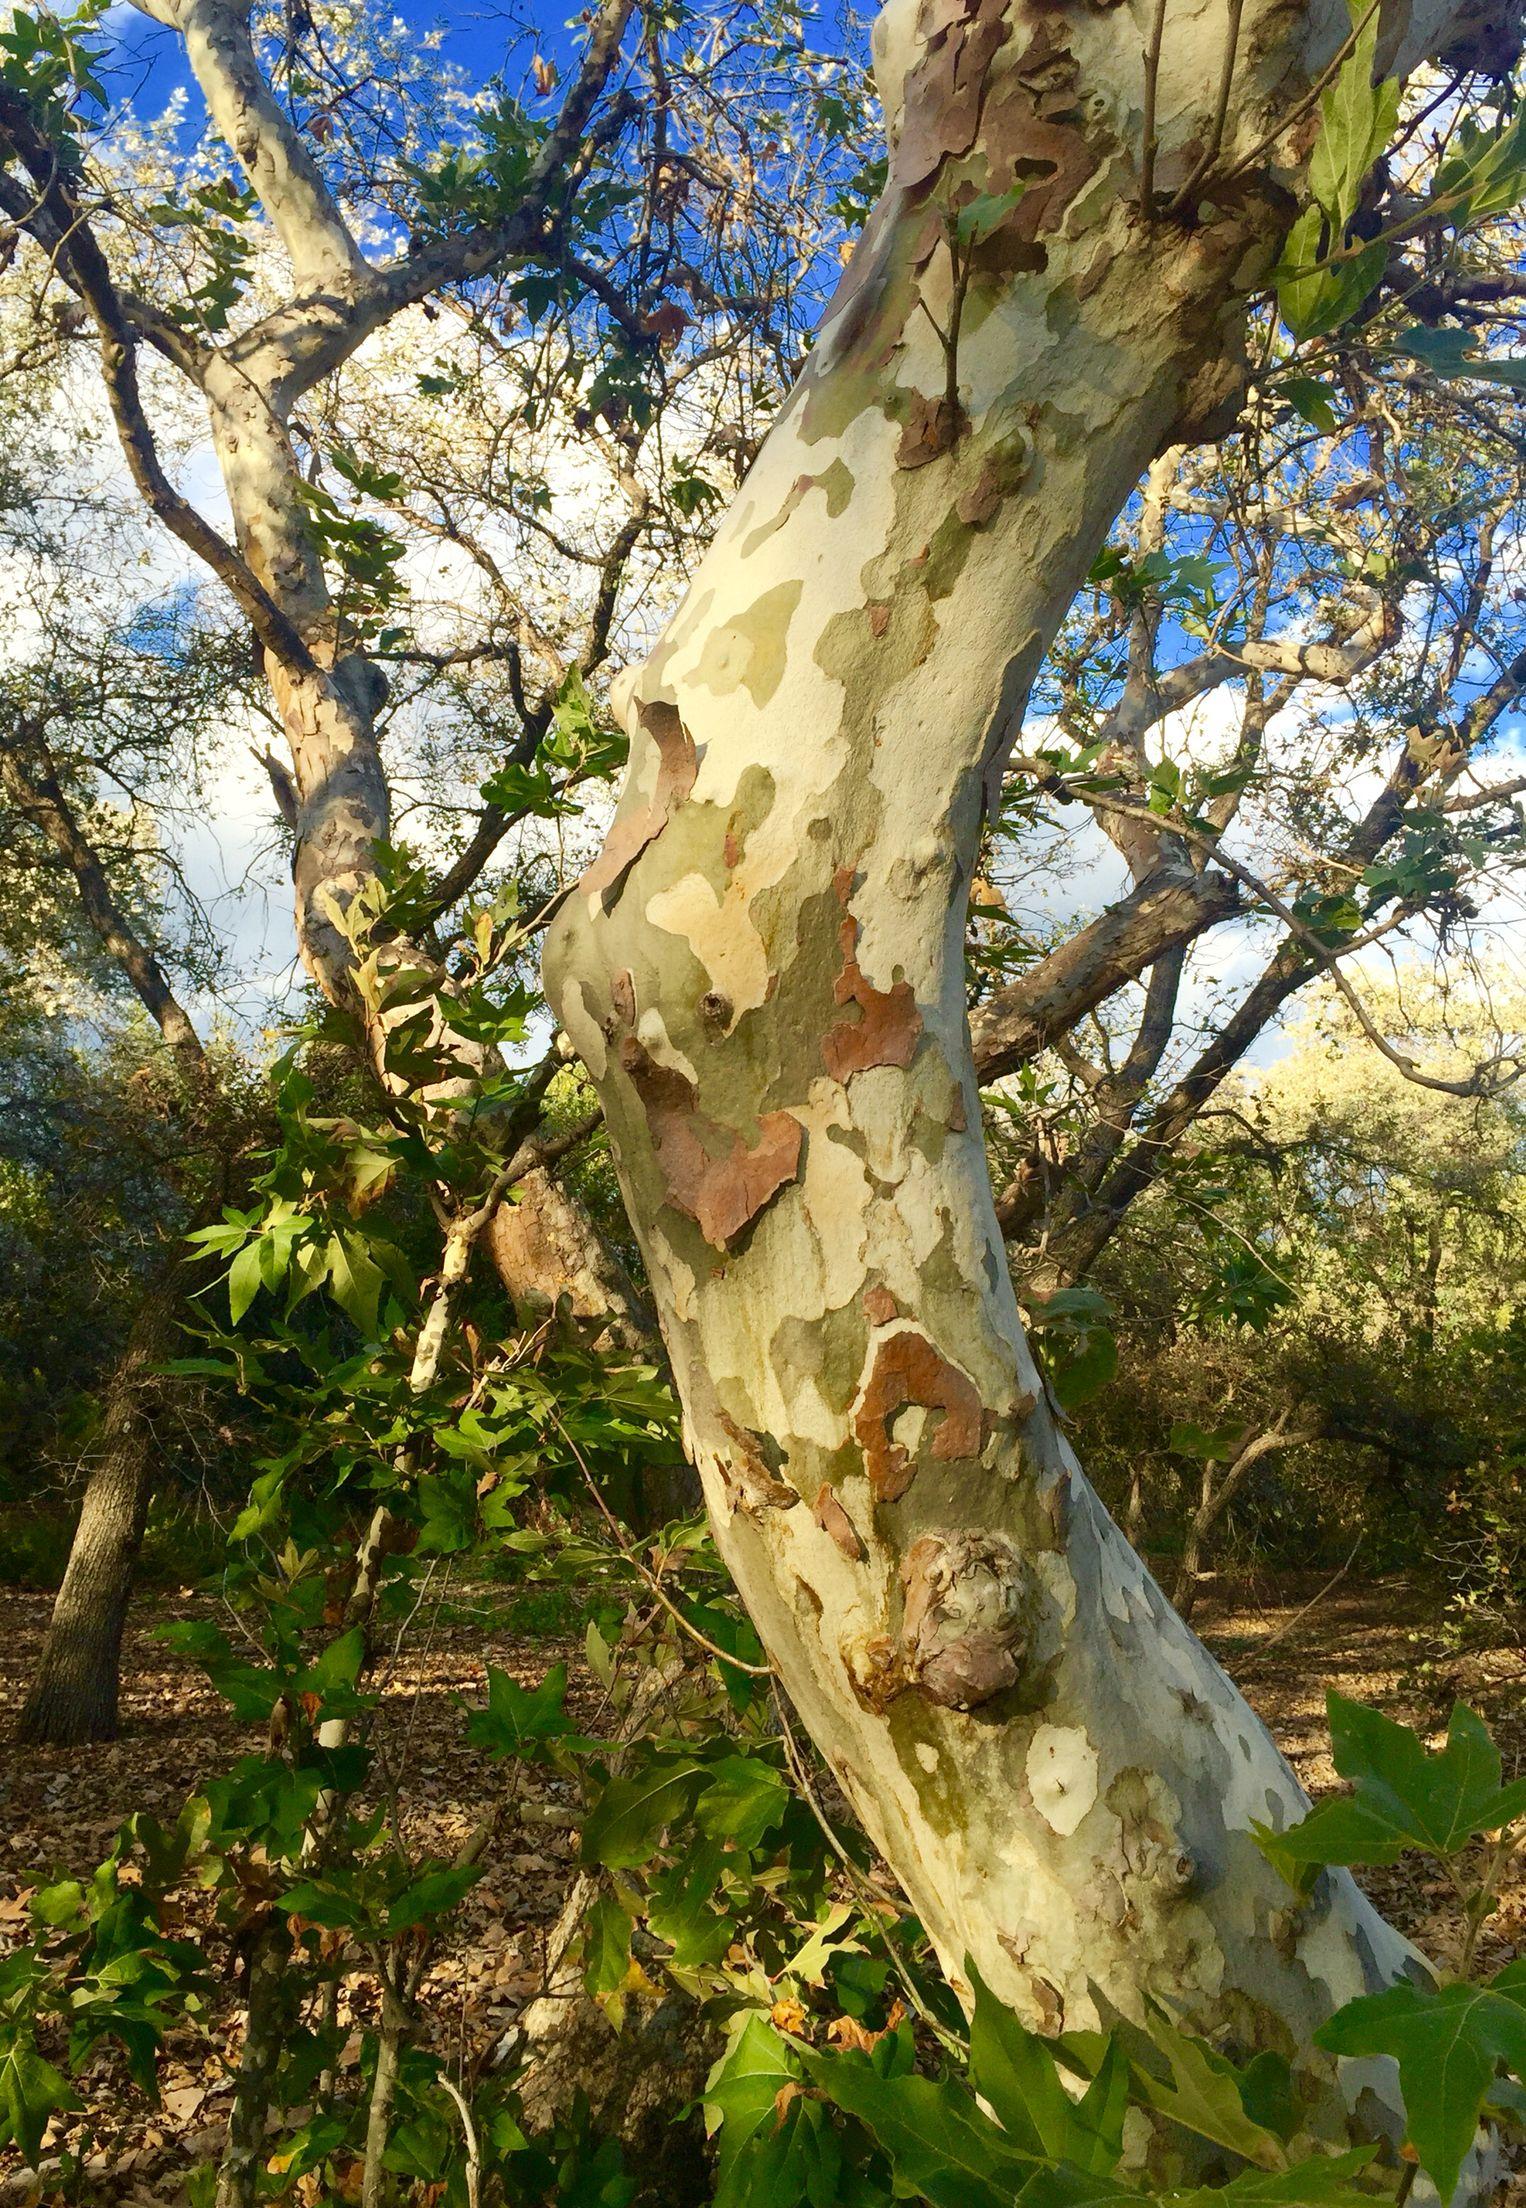 Rancho Santa Ana Botanic Gardens, Claremont CA. Sycamore Tree I Think.